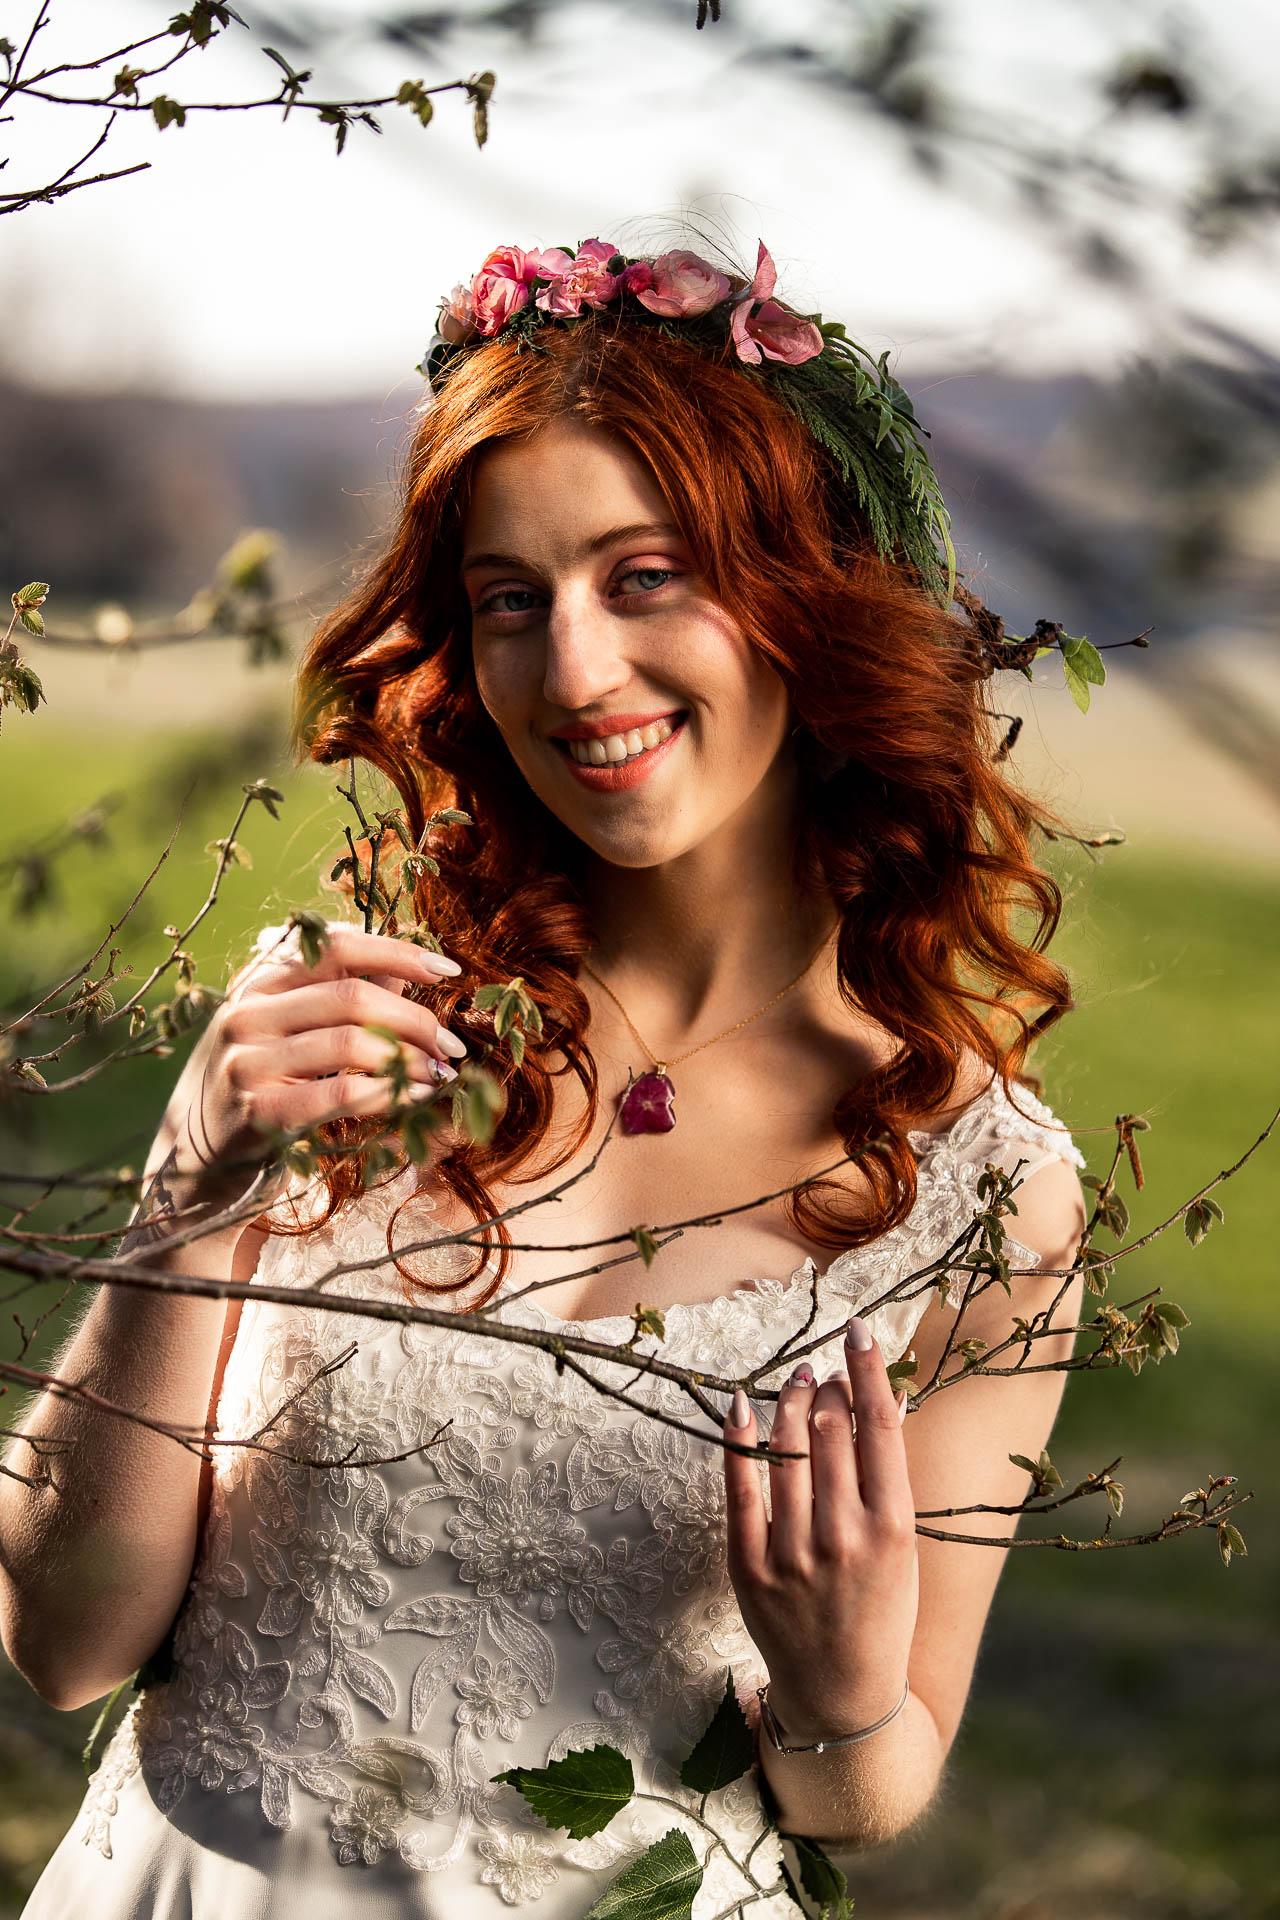 W rękach trzyma gałązkę i uśmiecha się na sesja wiosenna w plenerze.